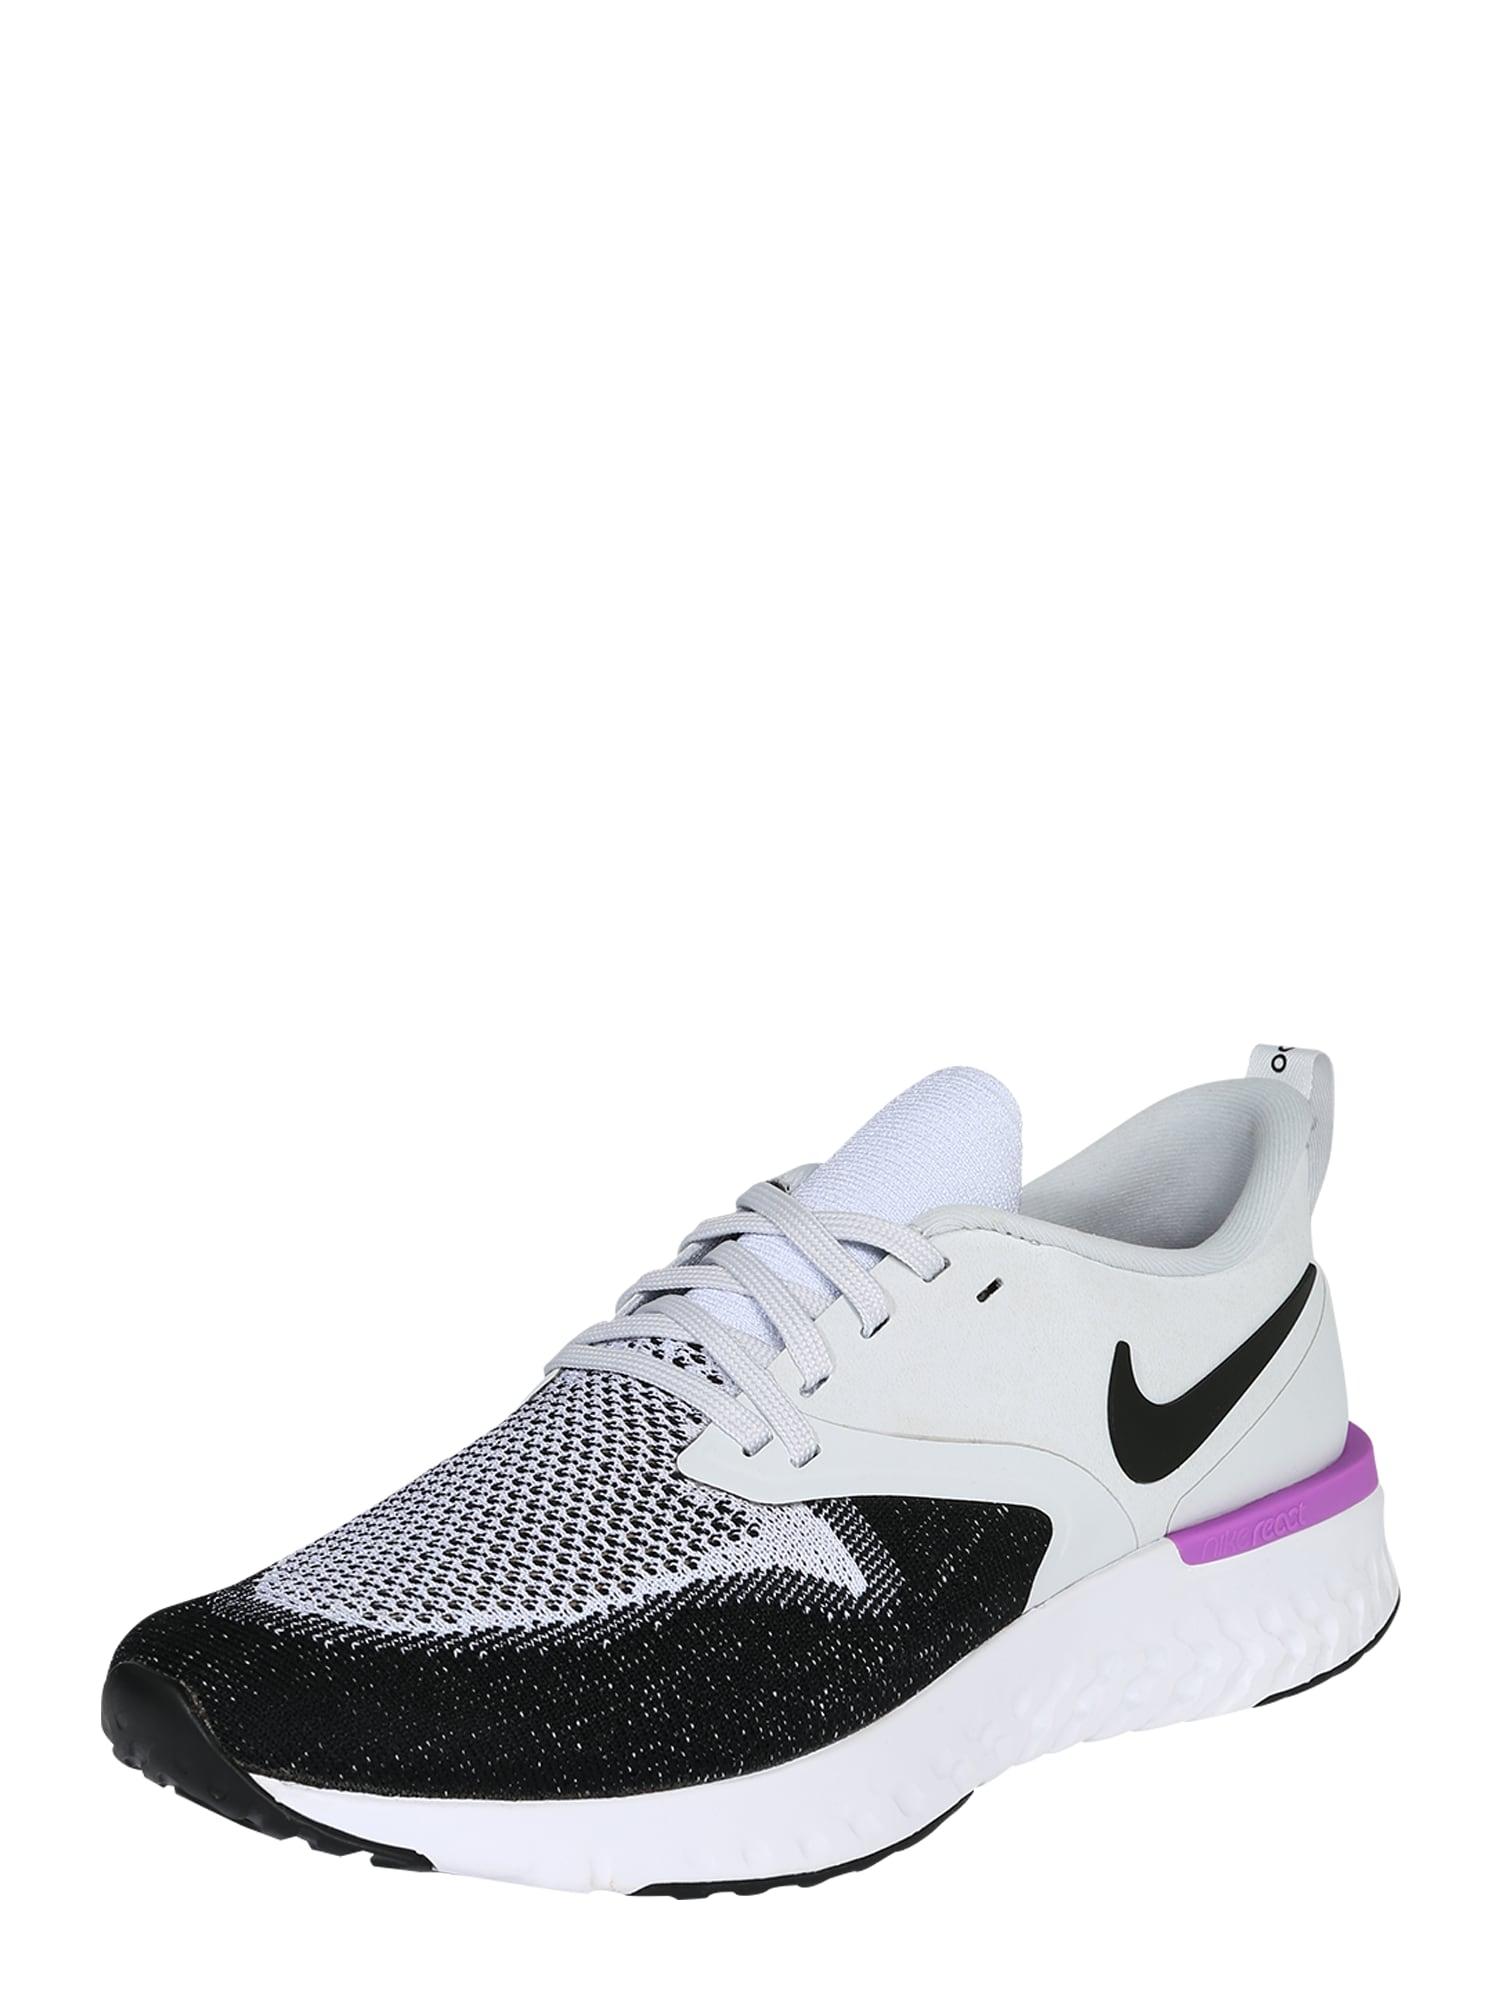 Běžecká obuv Odyssey React Flyknit 2 fialová černá bílá NIKE